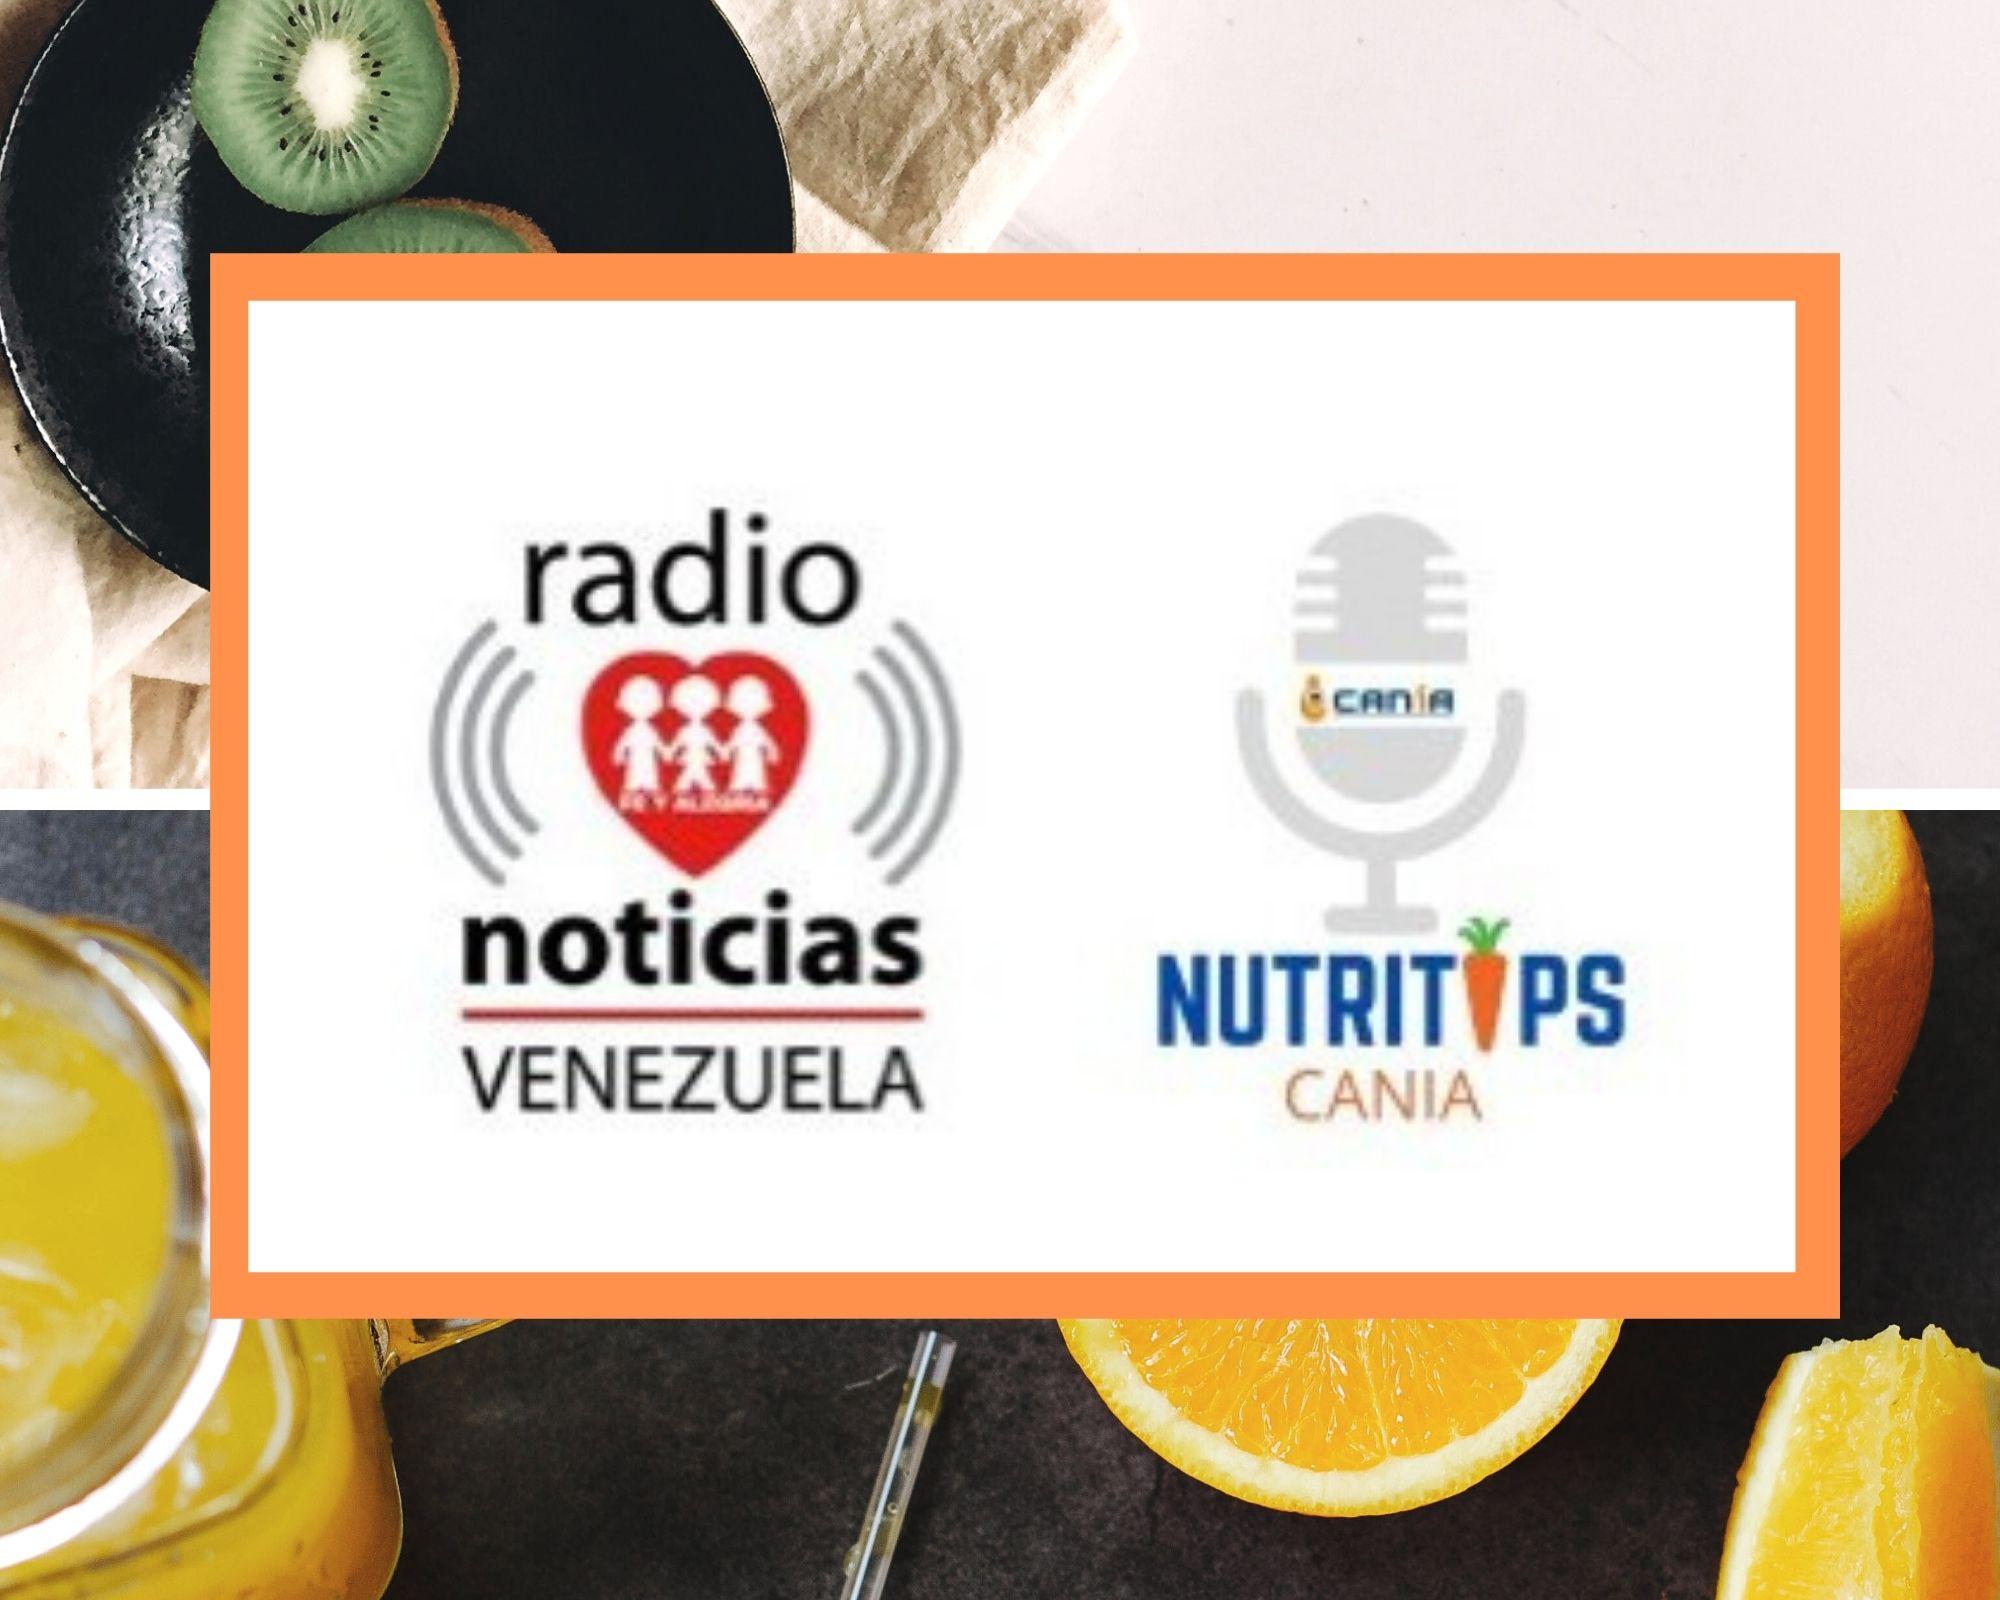 Cania difunde sus nuevos Nutri Tips radiales en alianza con Radio Fe y Alegría